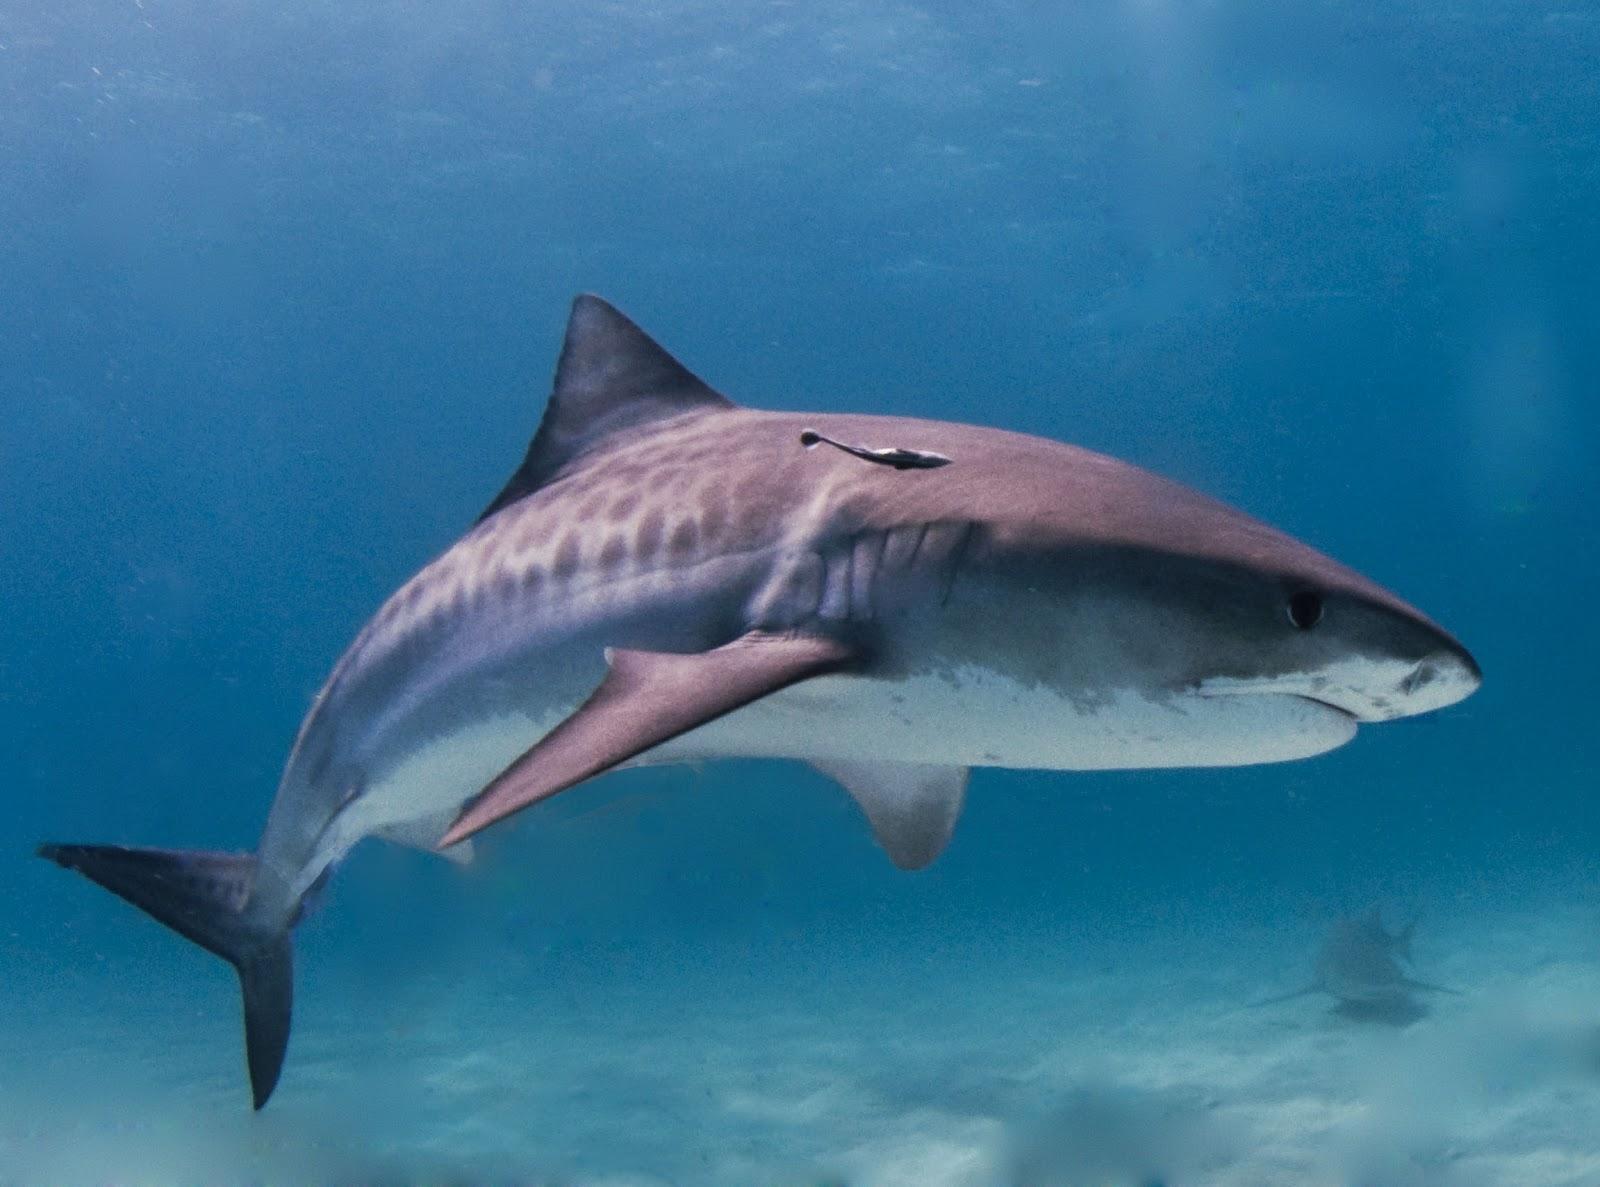 Θέλω μια φωτογραφία... - Σελίδα 19 Tiger_shark